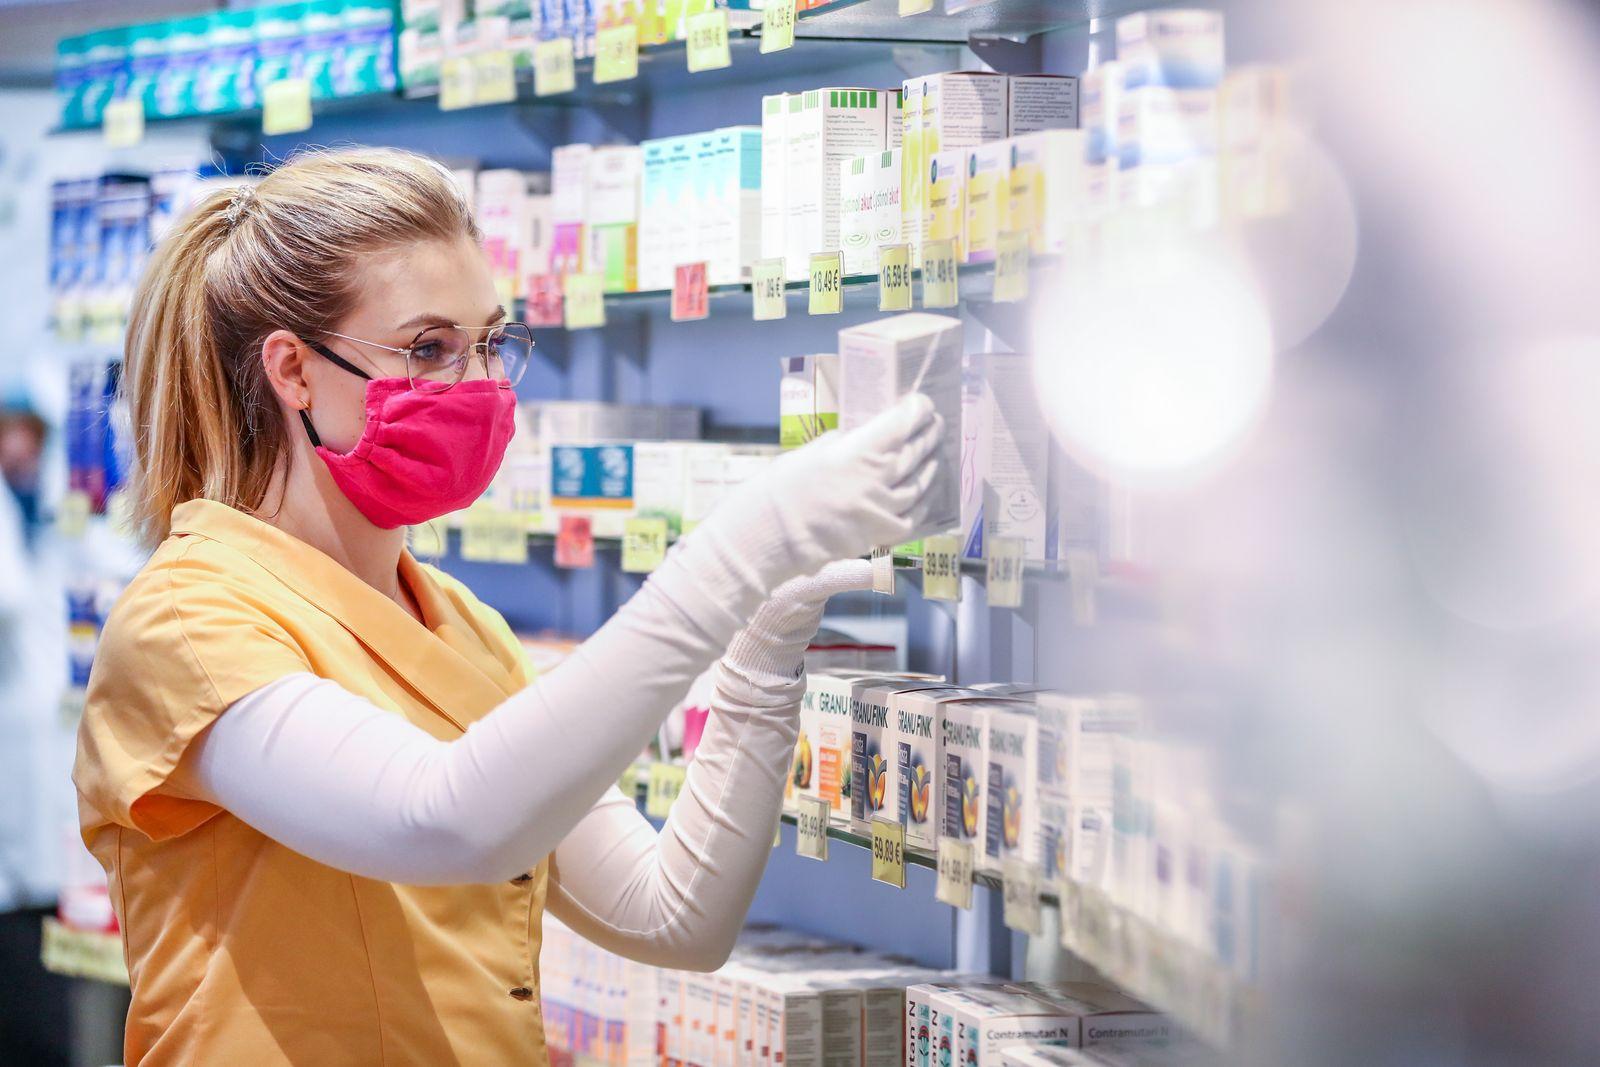 Apotheke stellt sich mit selbstgenähtem Mundschutz gegen Corona